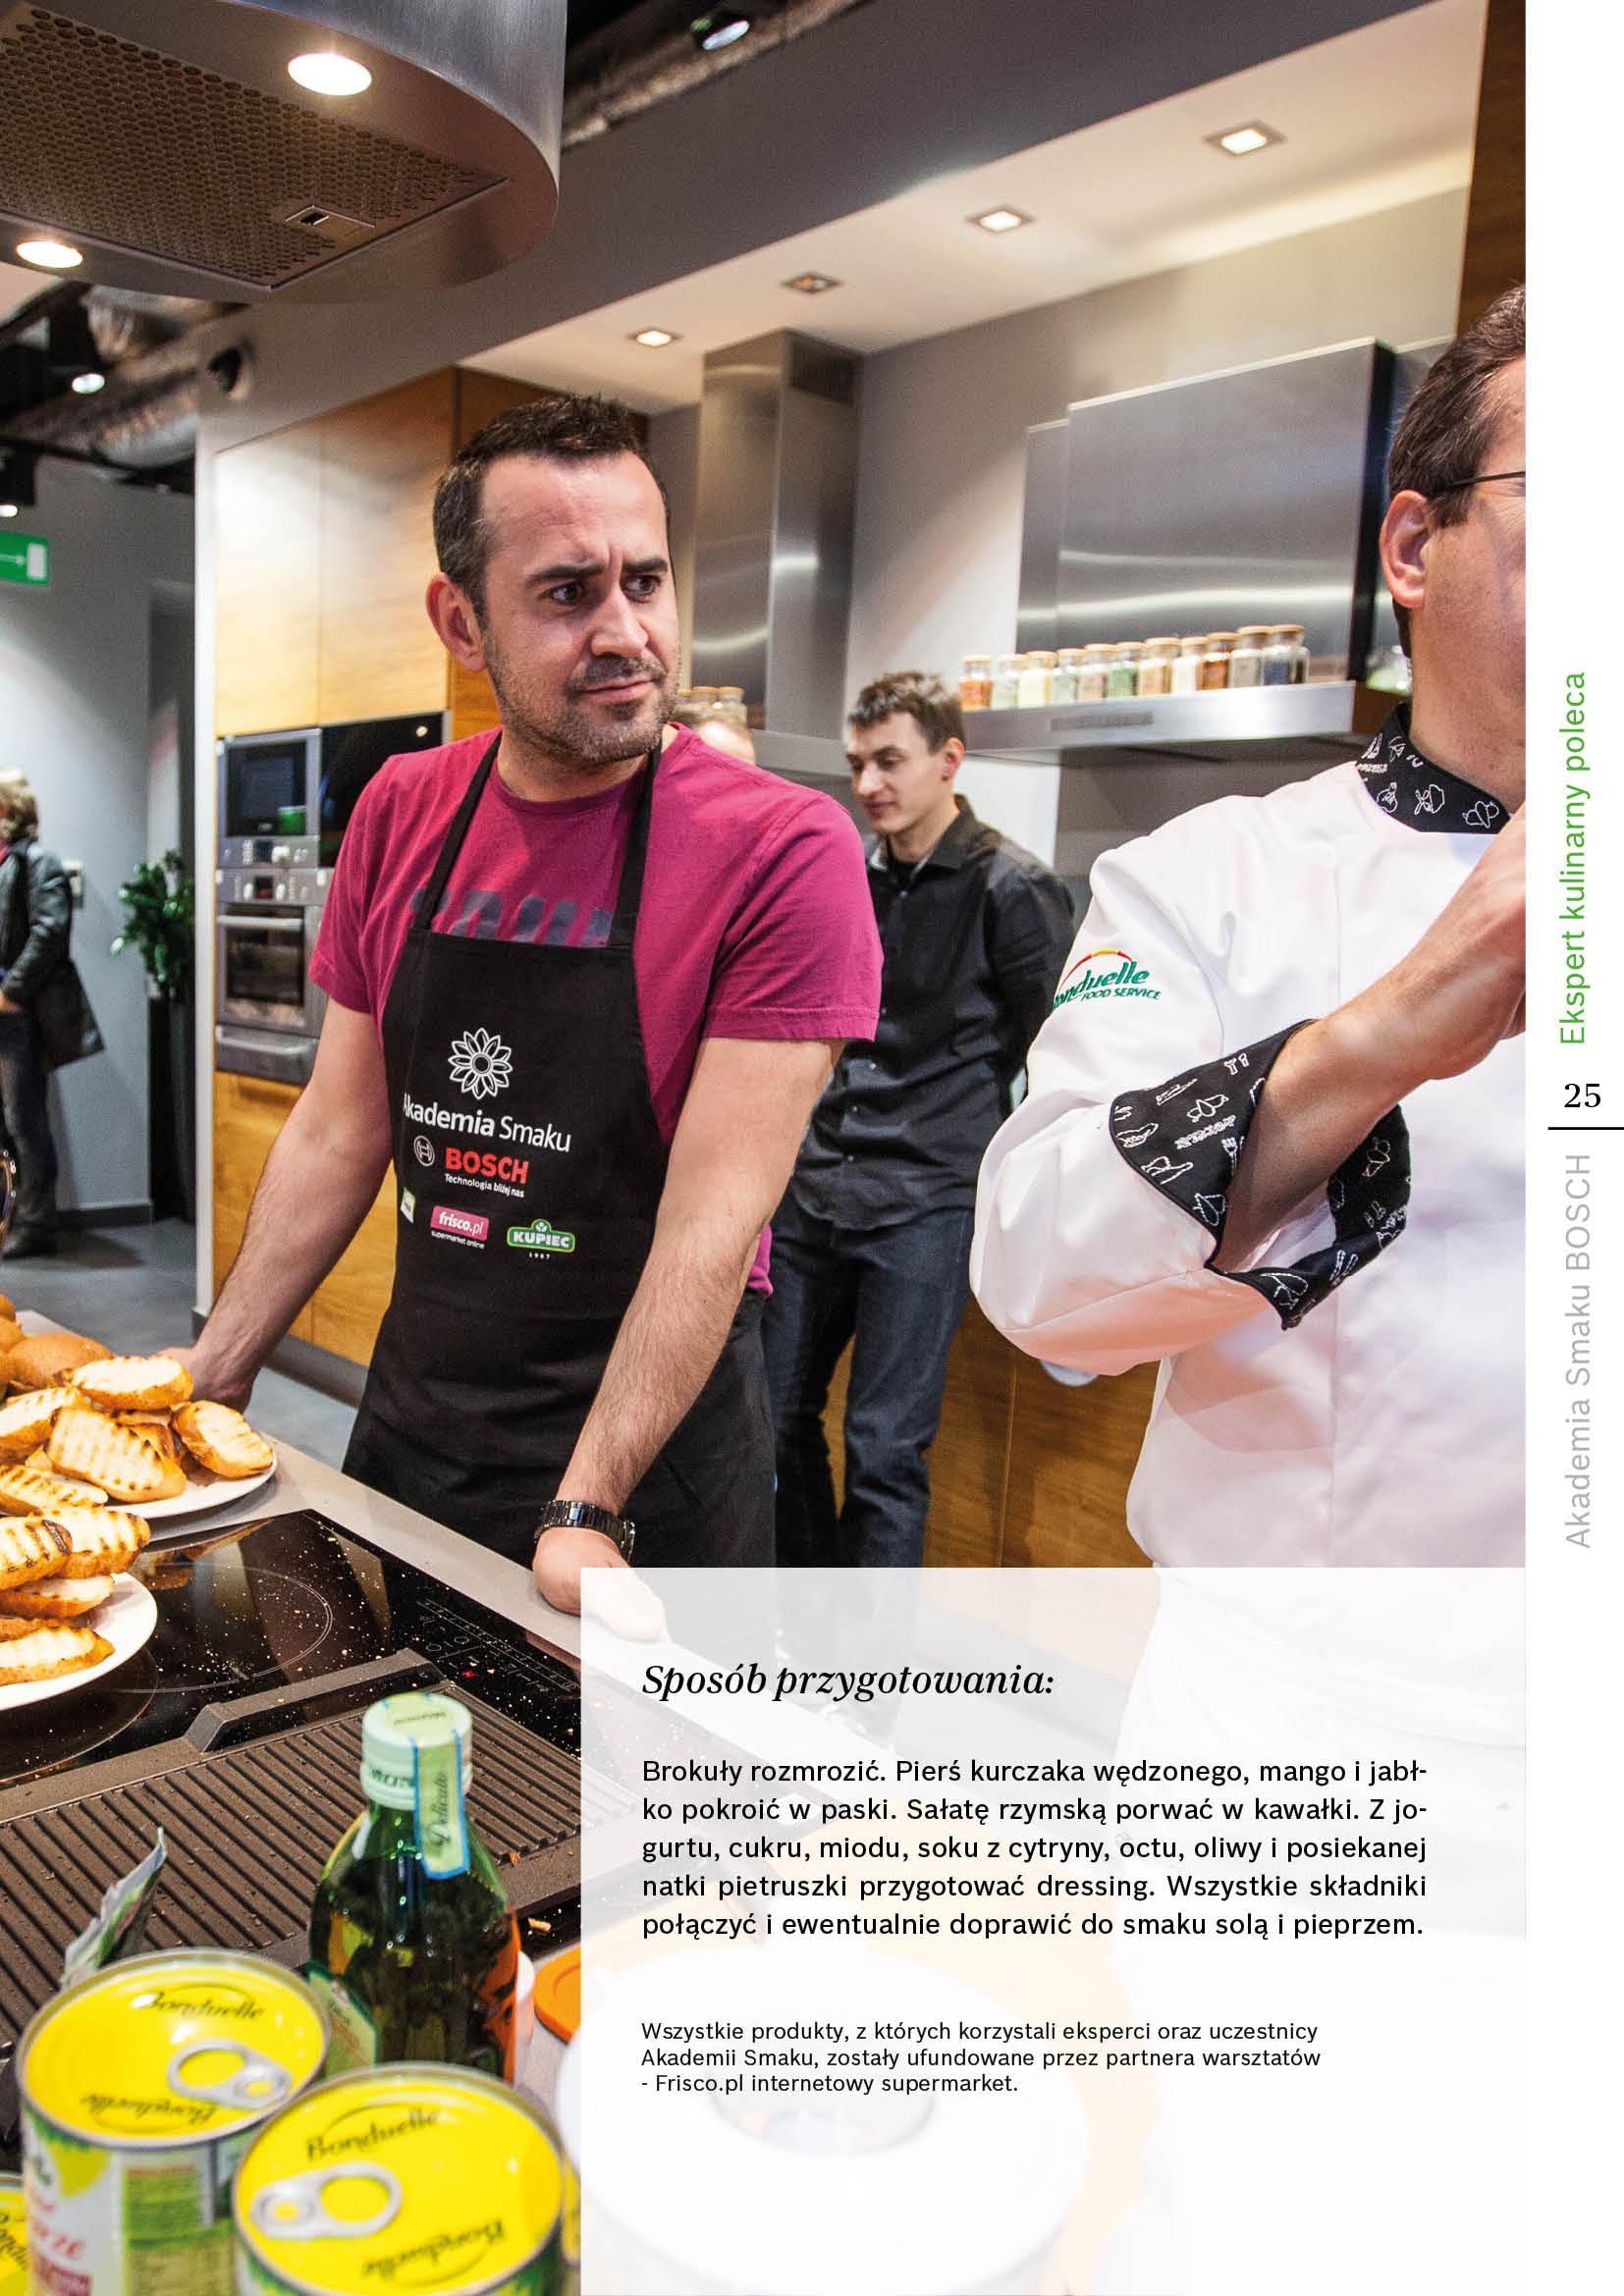 Kuchnia w parze ze zdrowiem - Strona 25